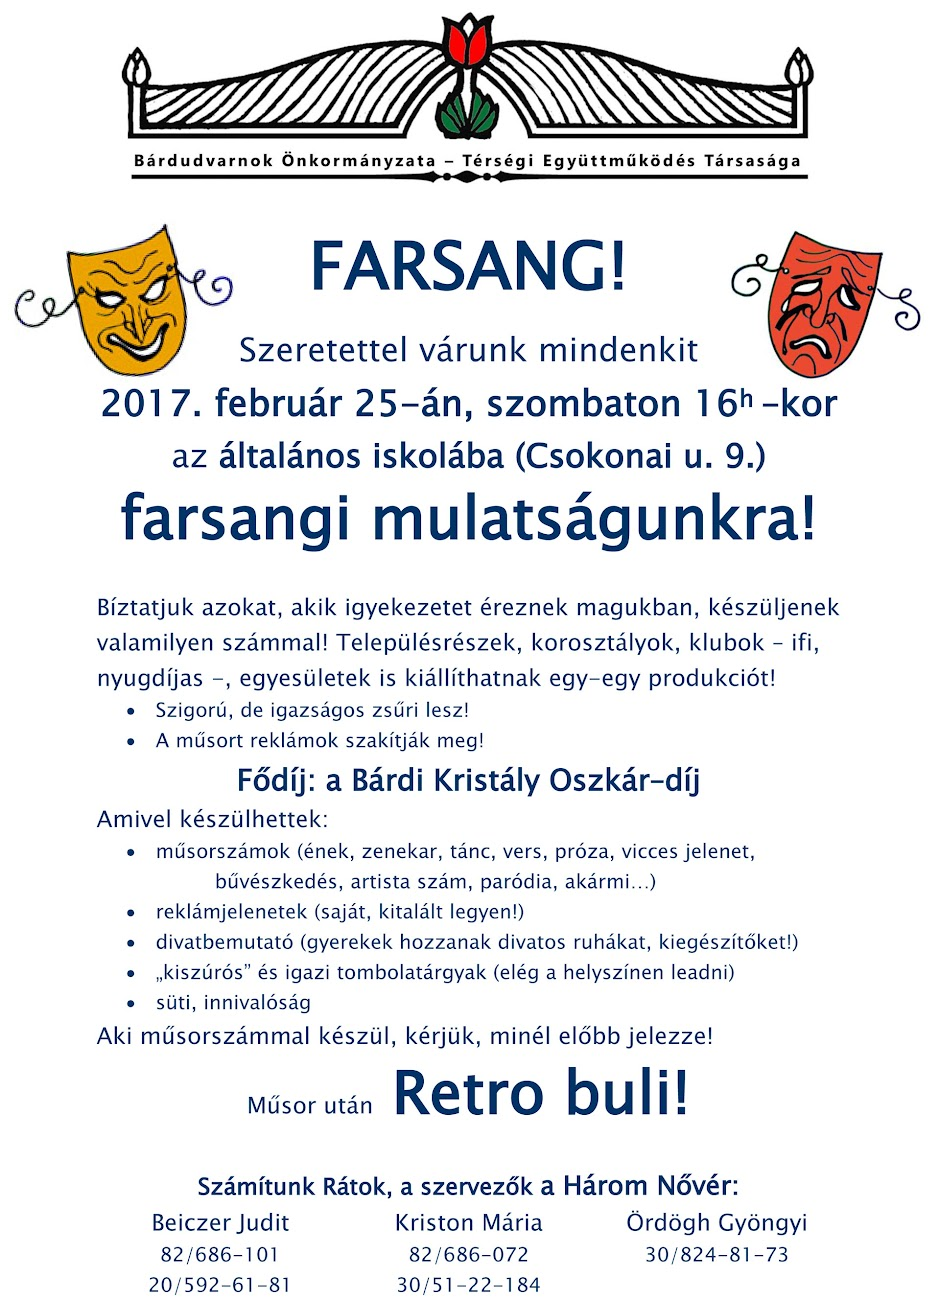 Farsang plakát 2017